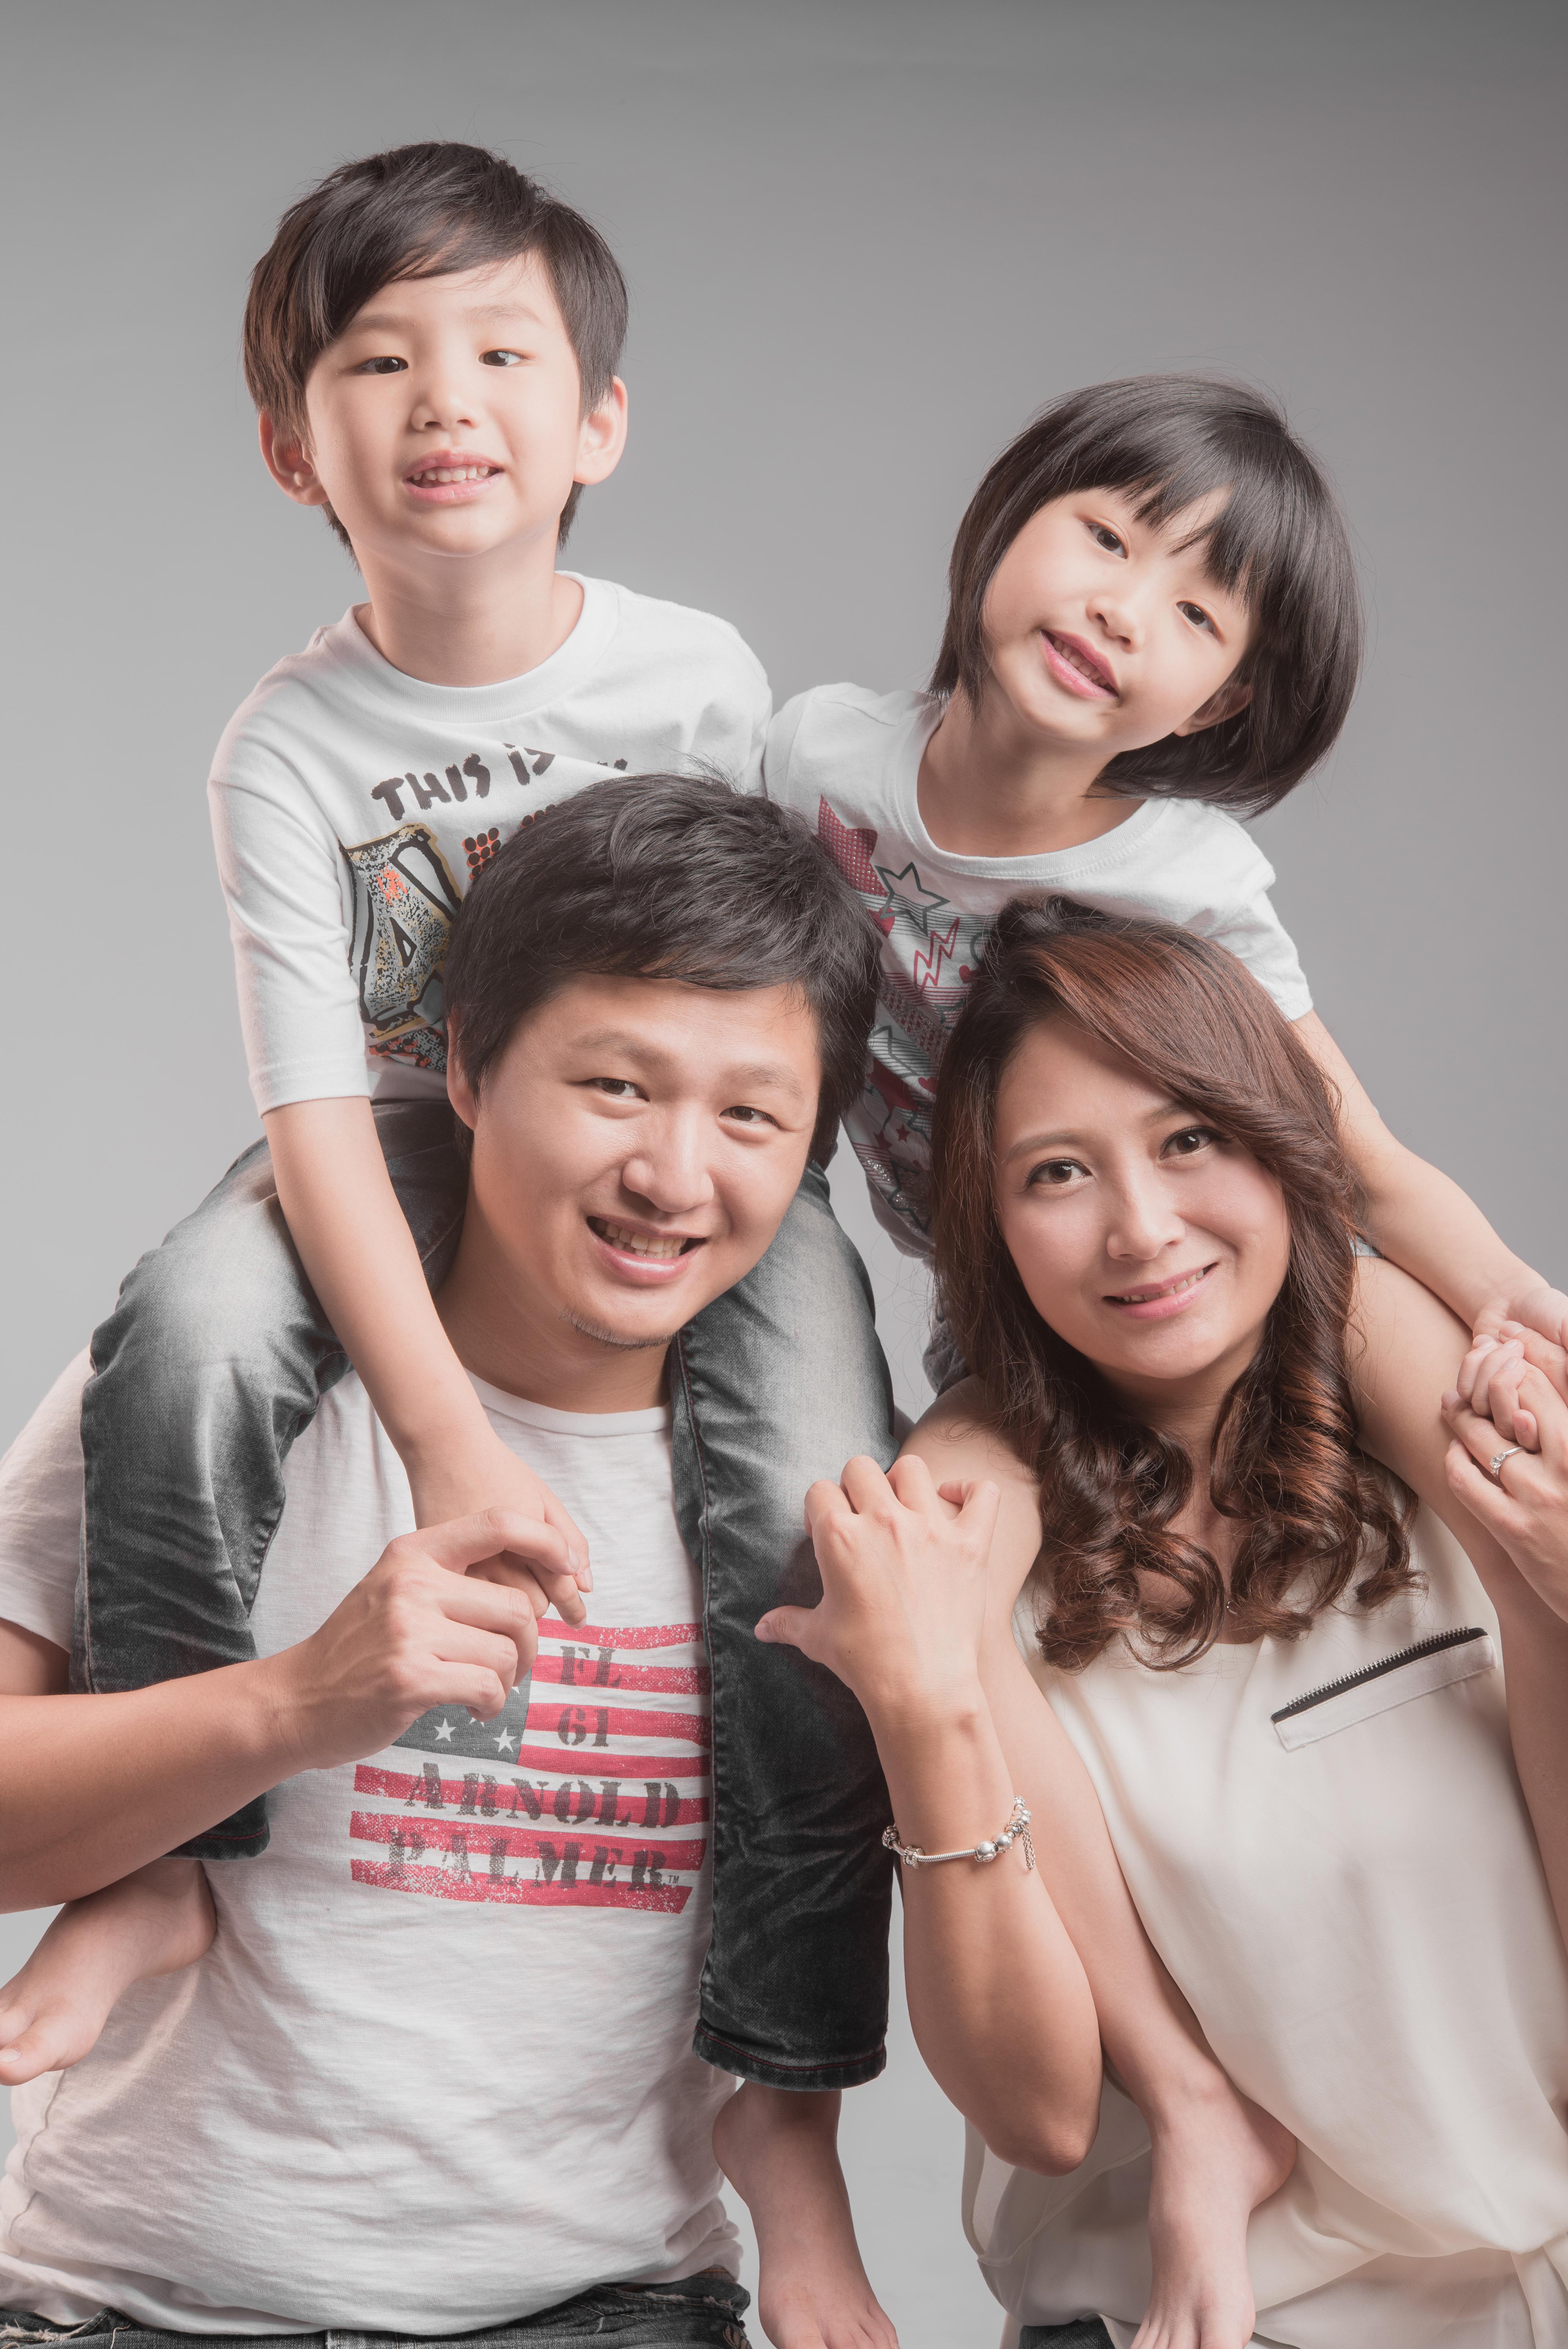 台中全家福拍攝 家庭照攝影 親子照拍照